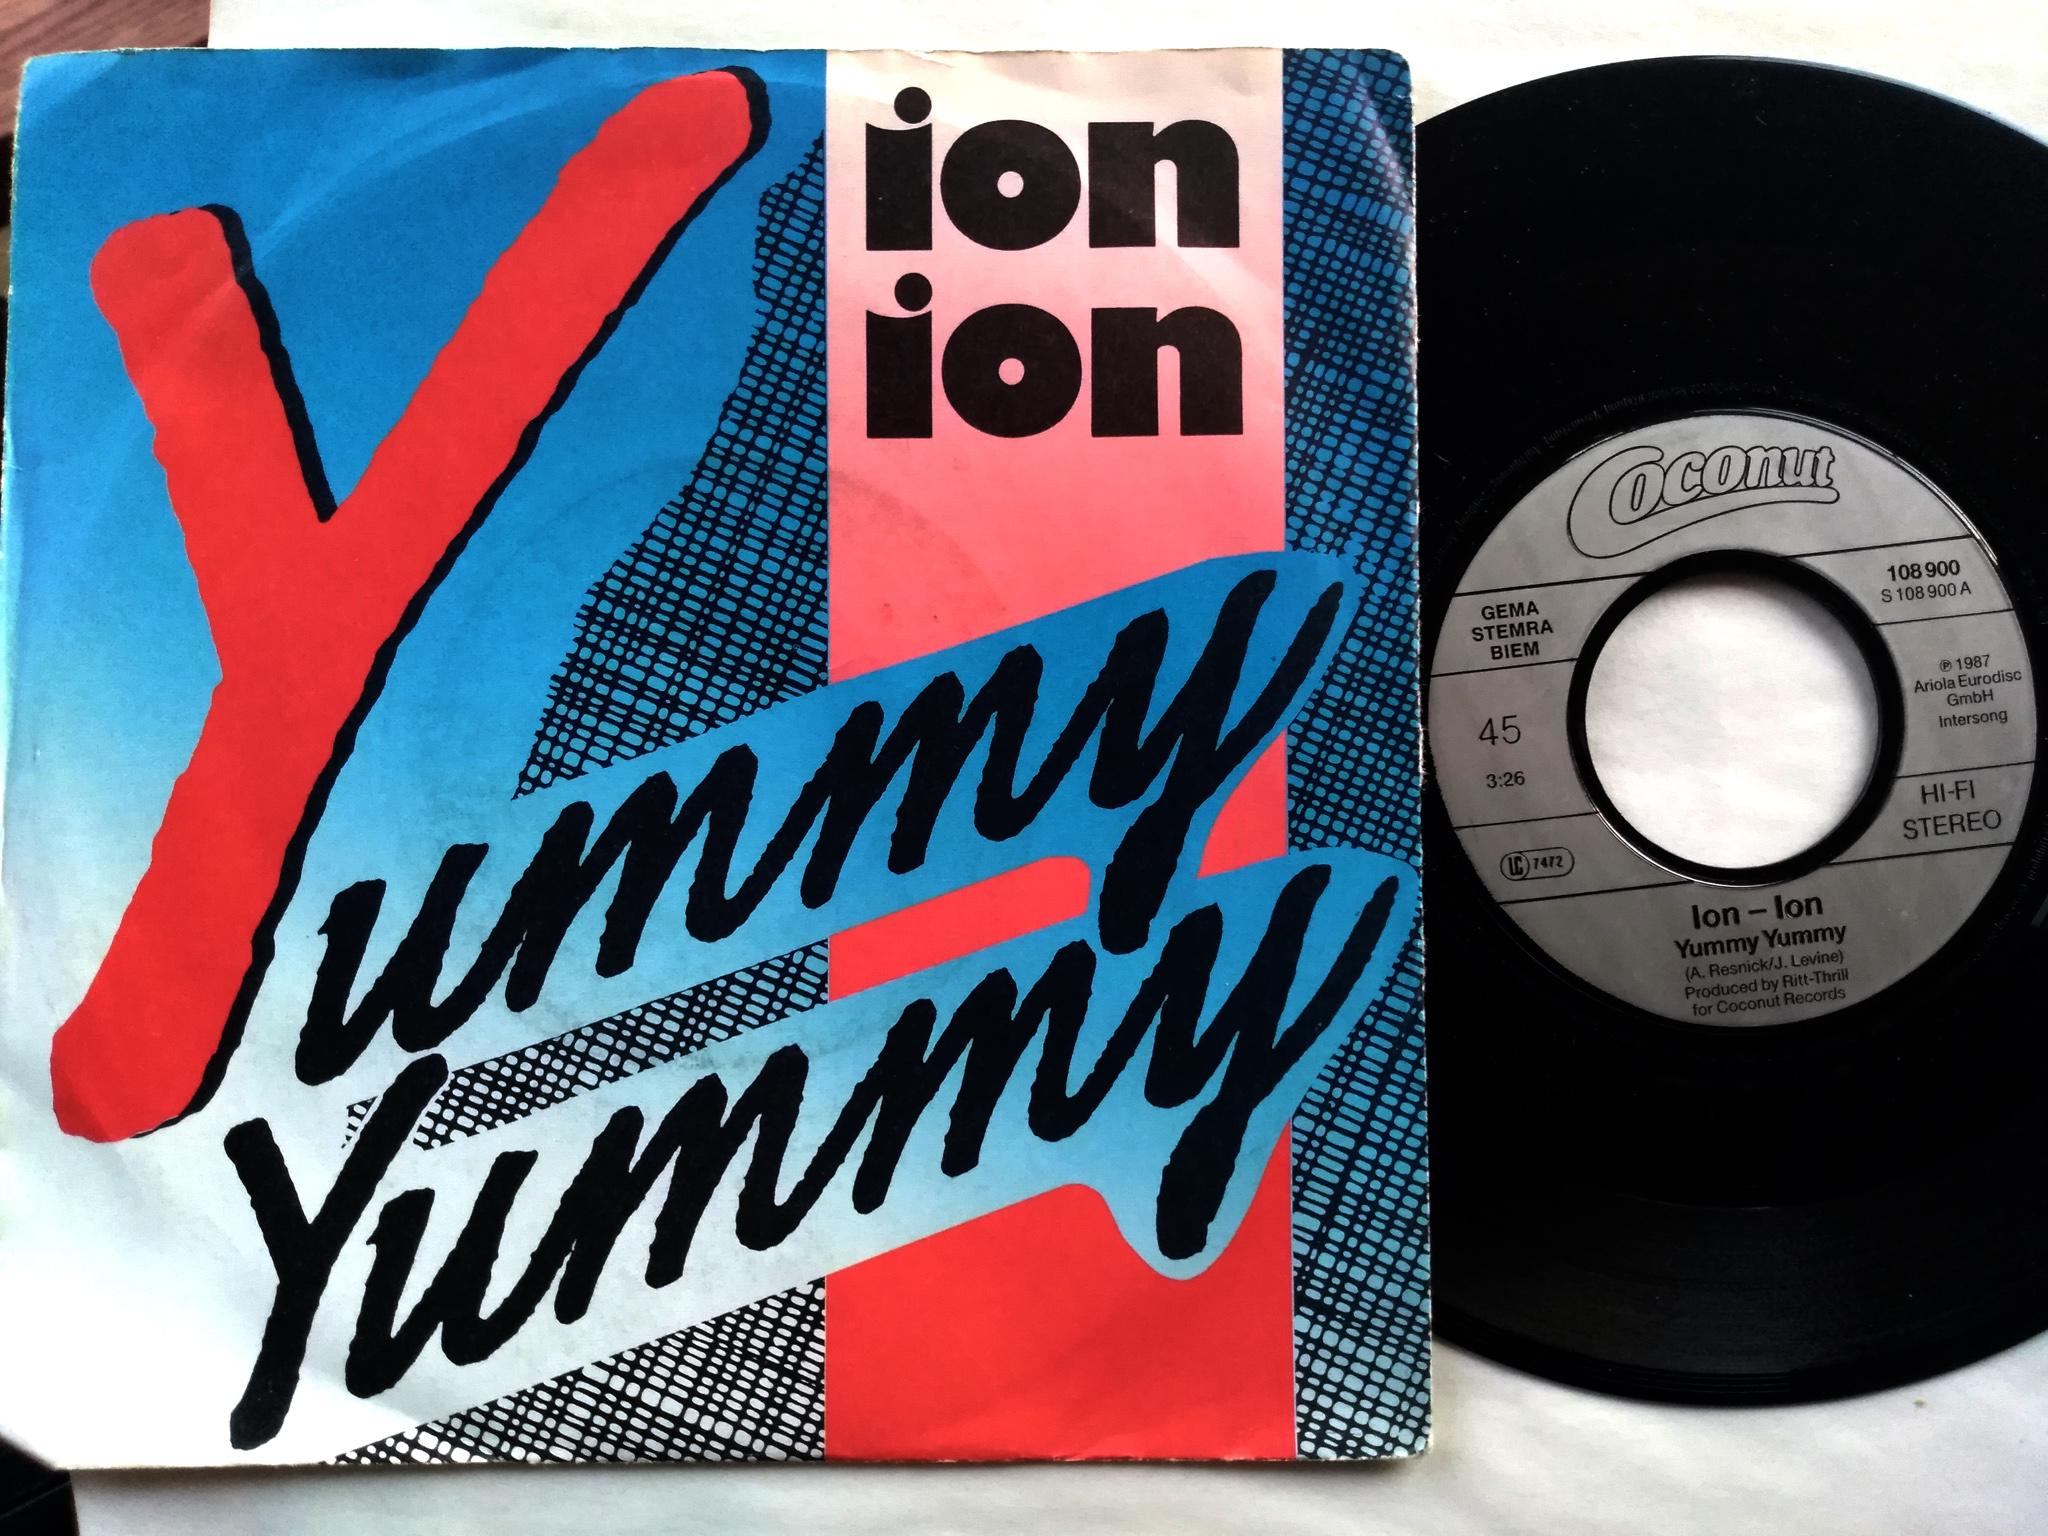 Ion-Ion - Yummy Yummy 7'